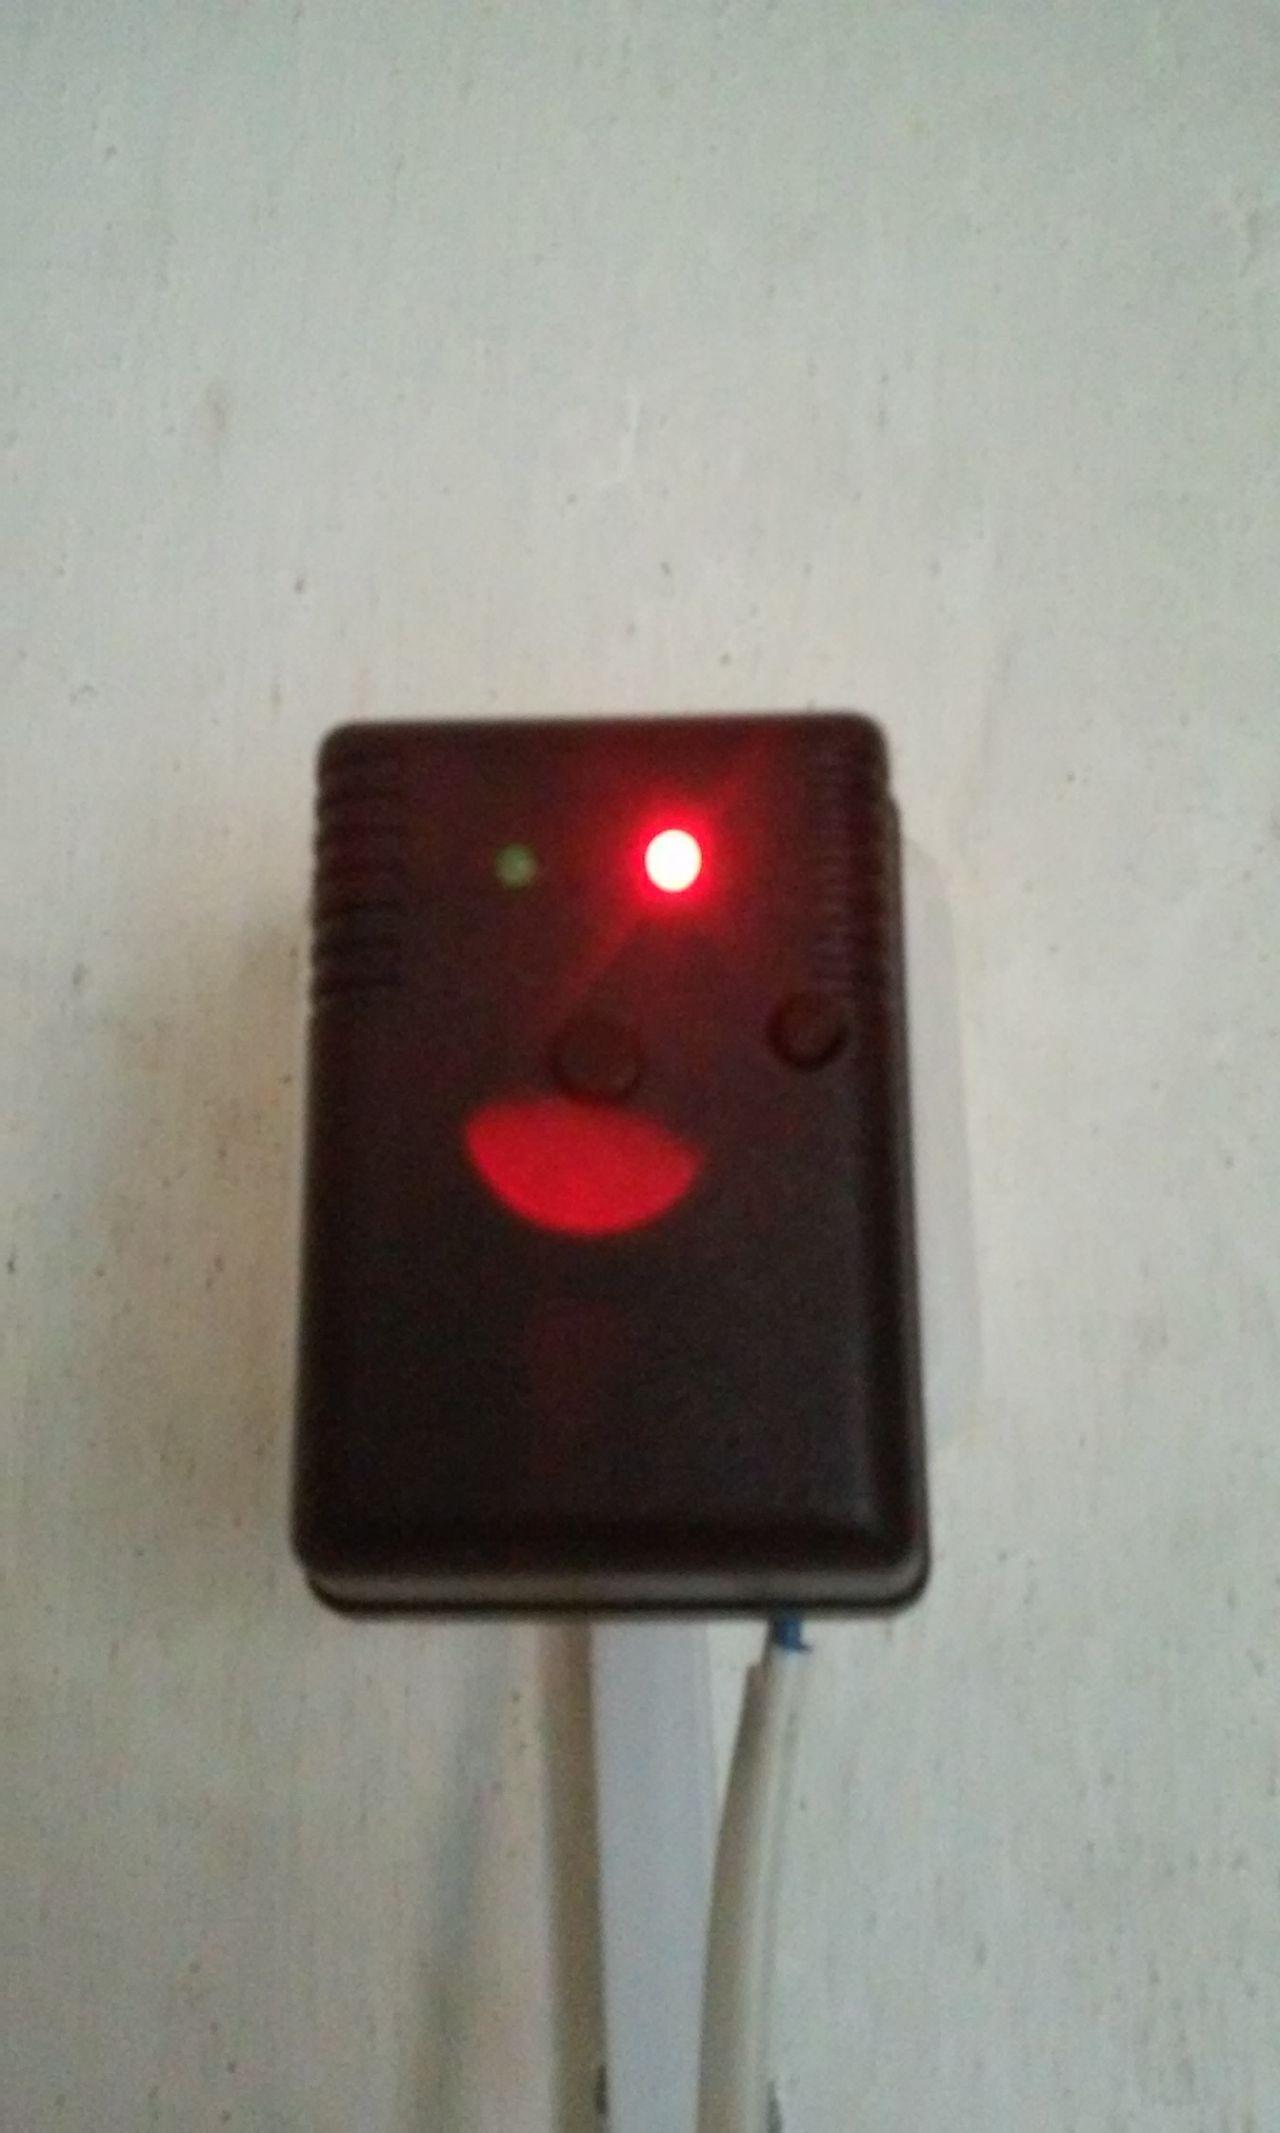 Блок GSM розетки. Красный светодиод загорается когда реле включено.